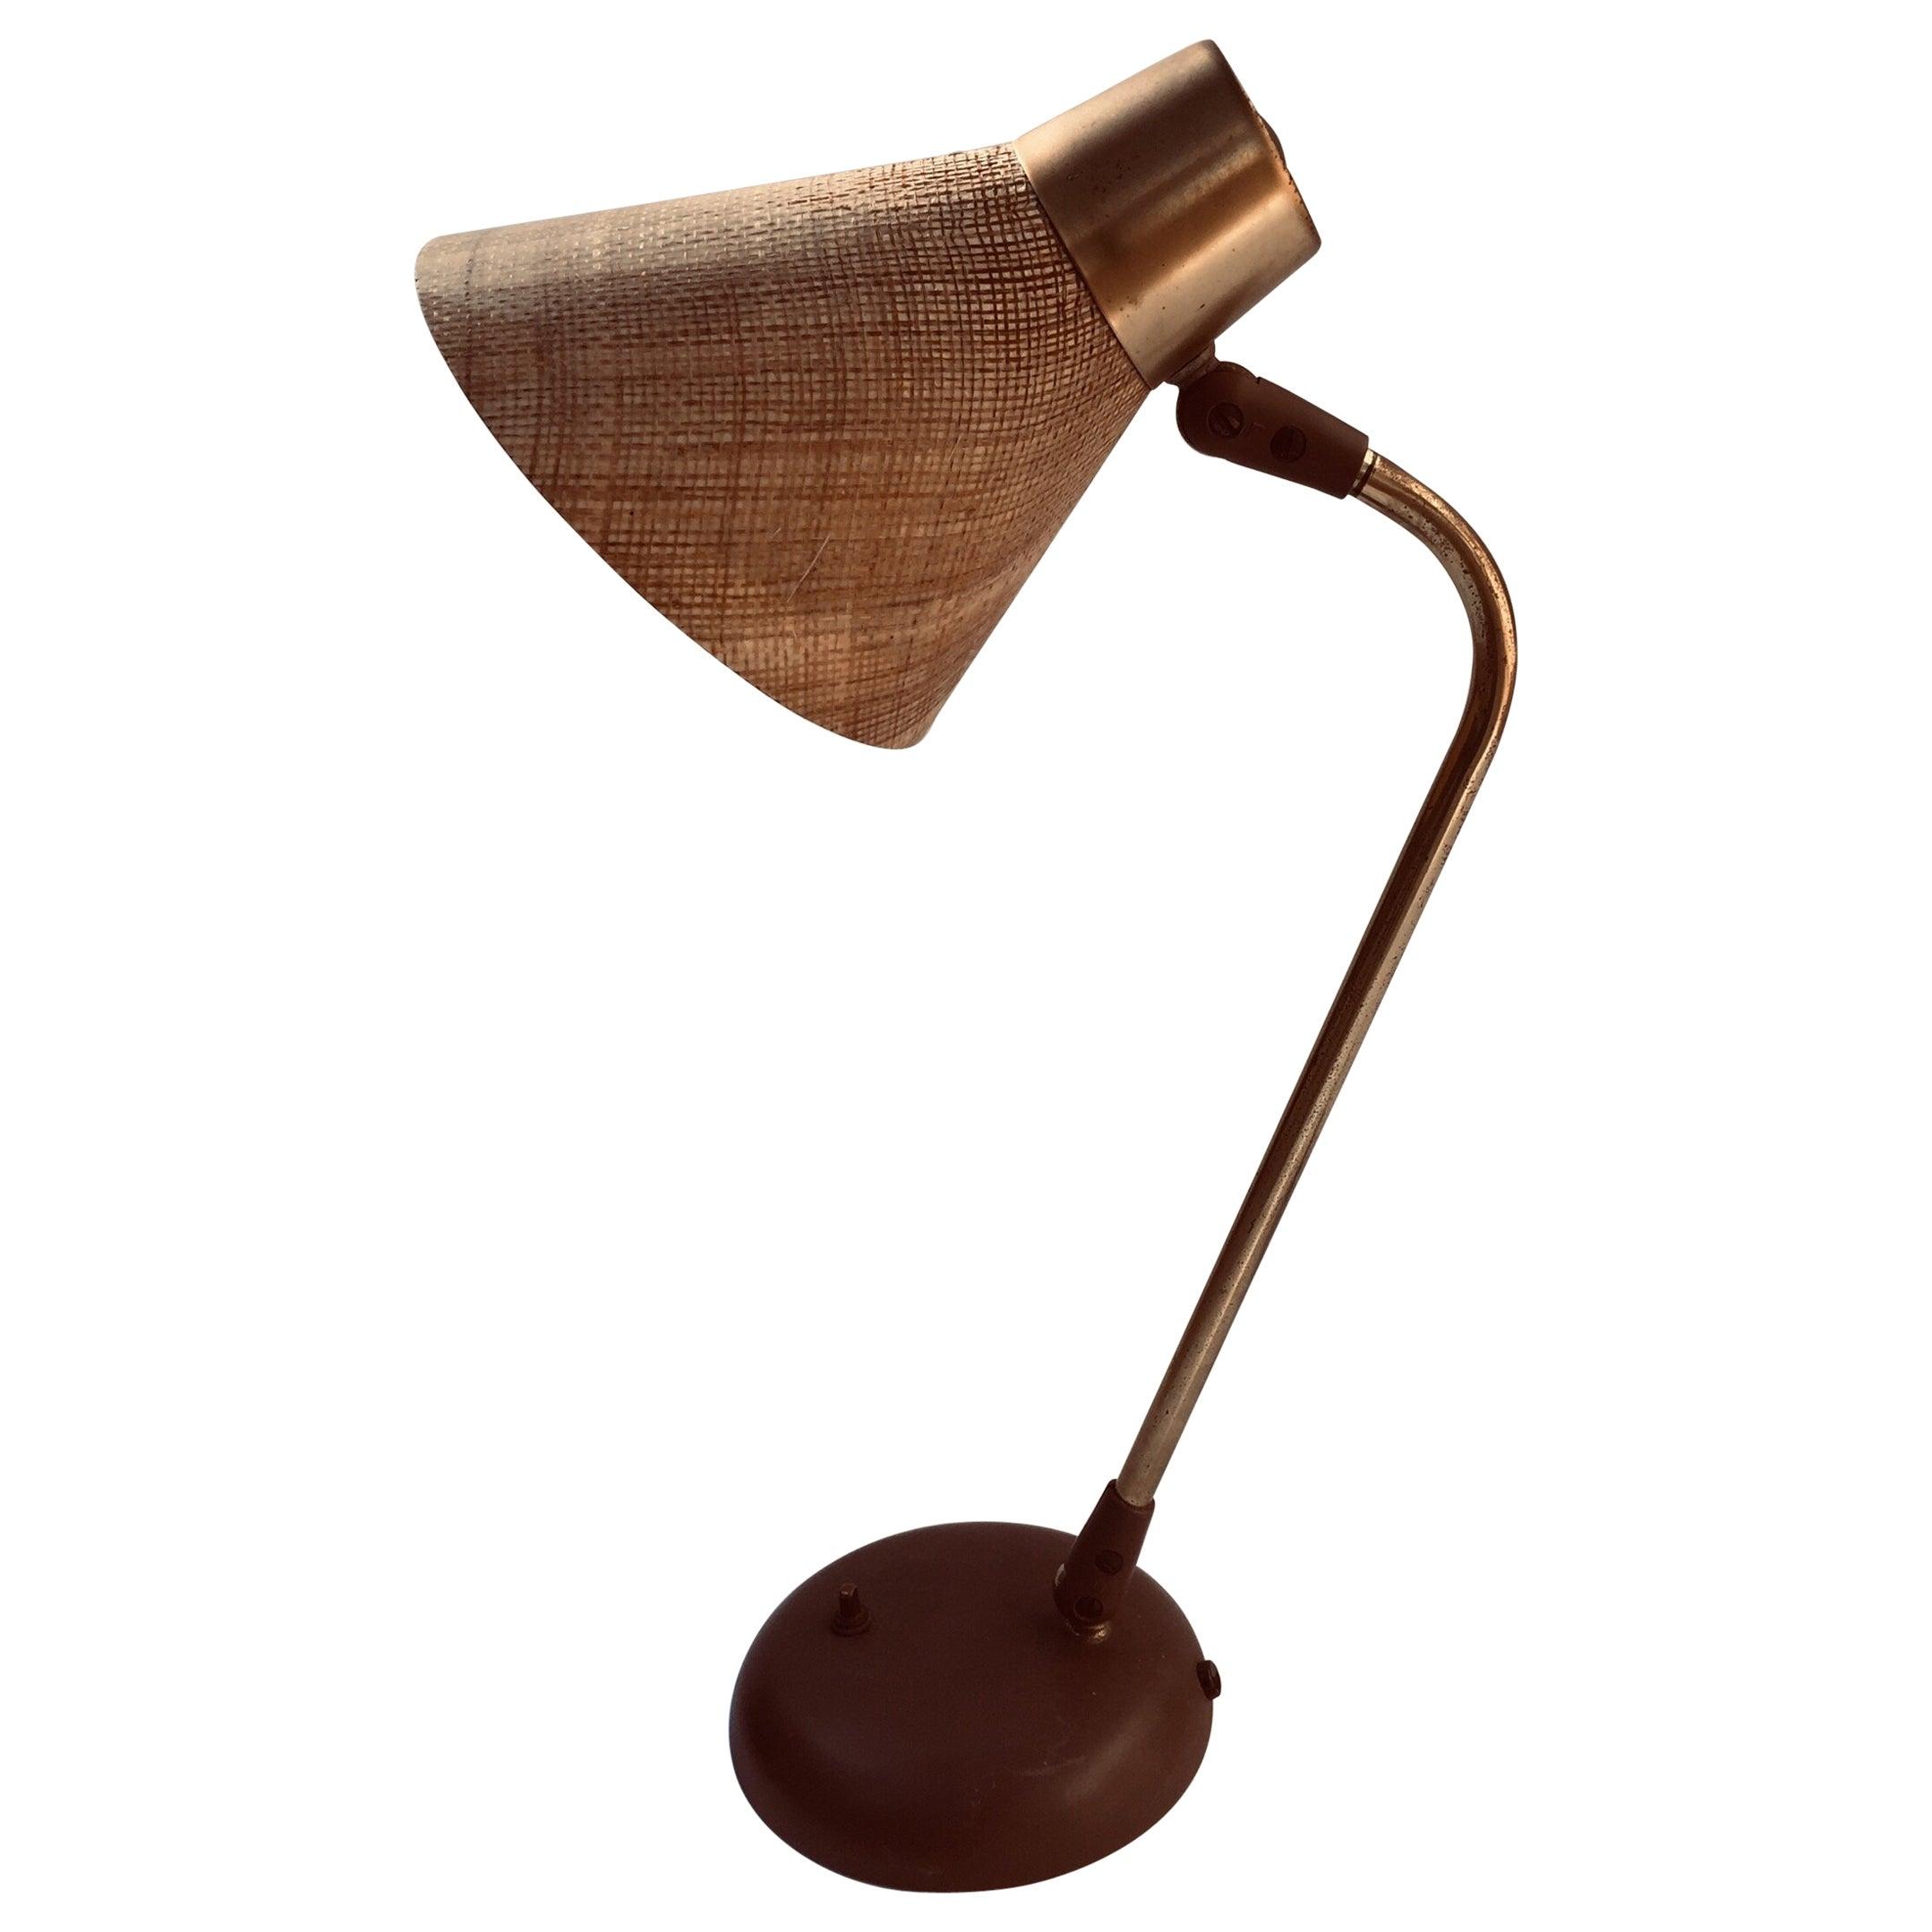 Gerald Thurston Desk Table Lamp for Lightolier, 1950s